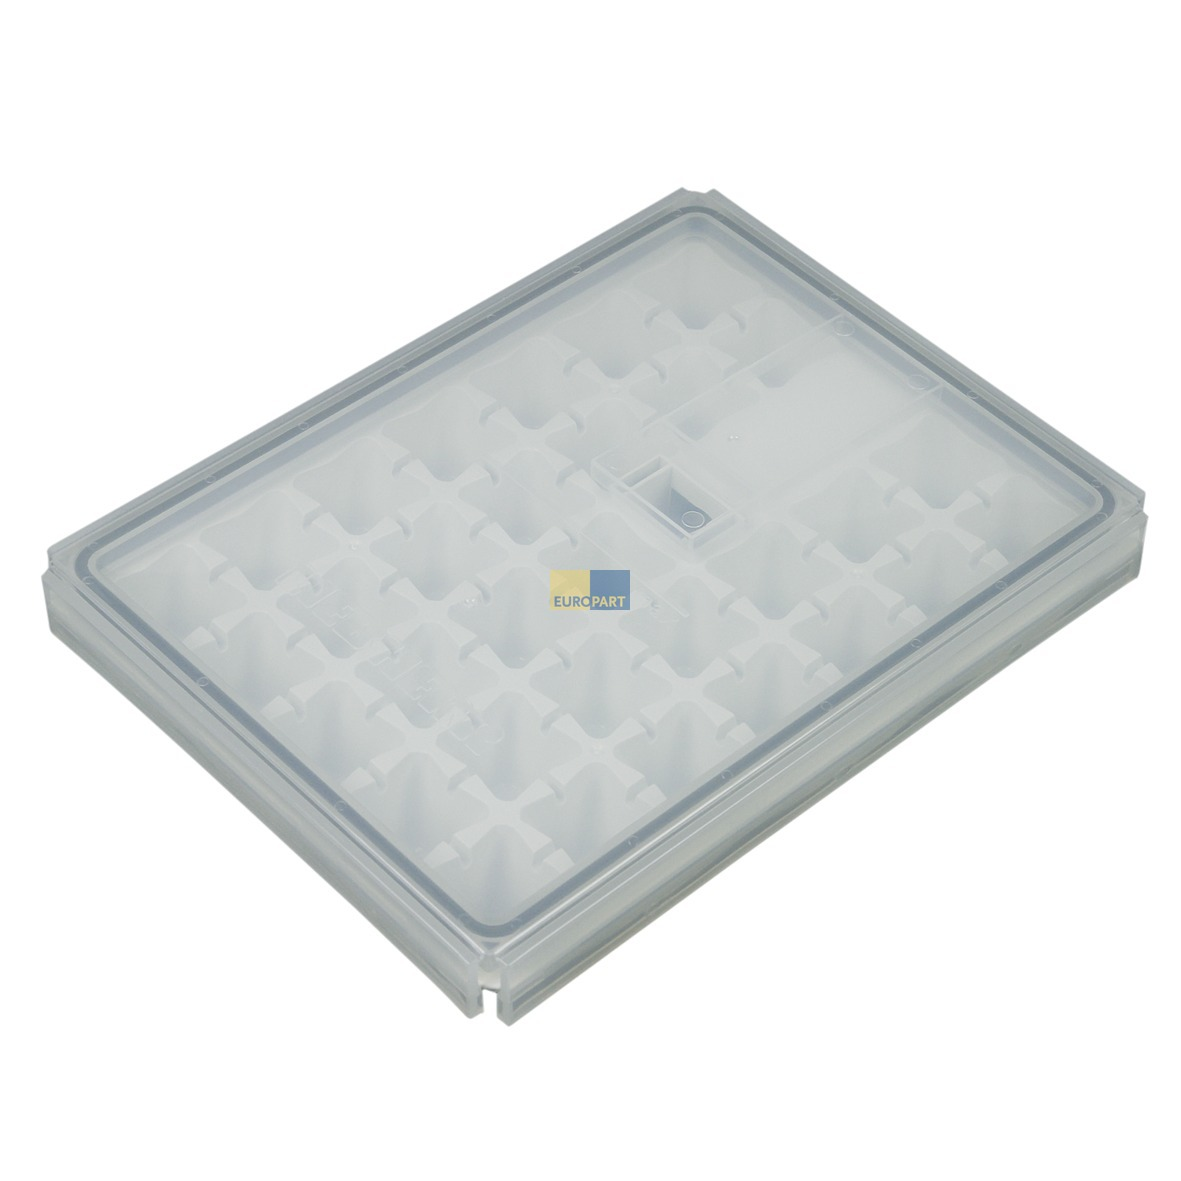 eisw rfelschale mit deckel liebherr 7420322 ot abea hausger te ersatzteile shop. Black Bedroom Furniture Sets. Home Design Ideas